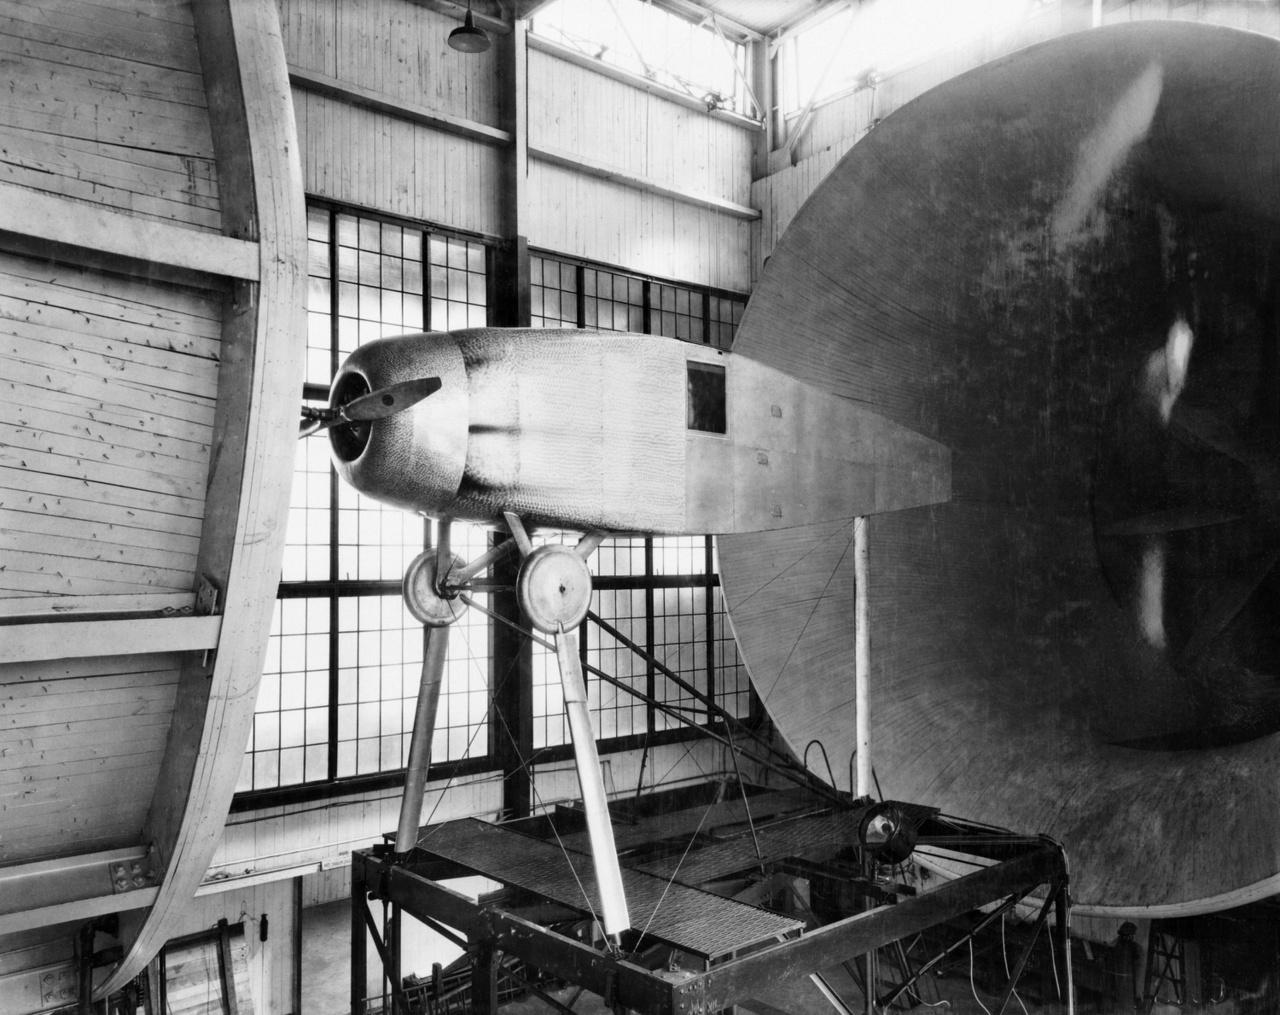 Az 1920-as években a leginkább a légellenállás csökkentésének módjait kutatták a Langley tudósai, és többek között a képen látható, a repülőgép motorját elfedő borításokkal kísérleteztek sikerrel.